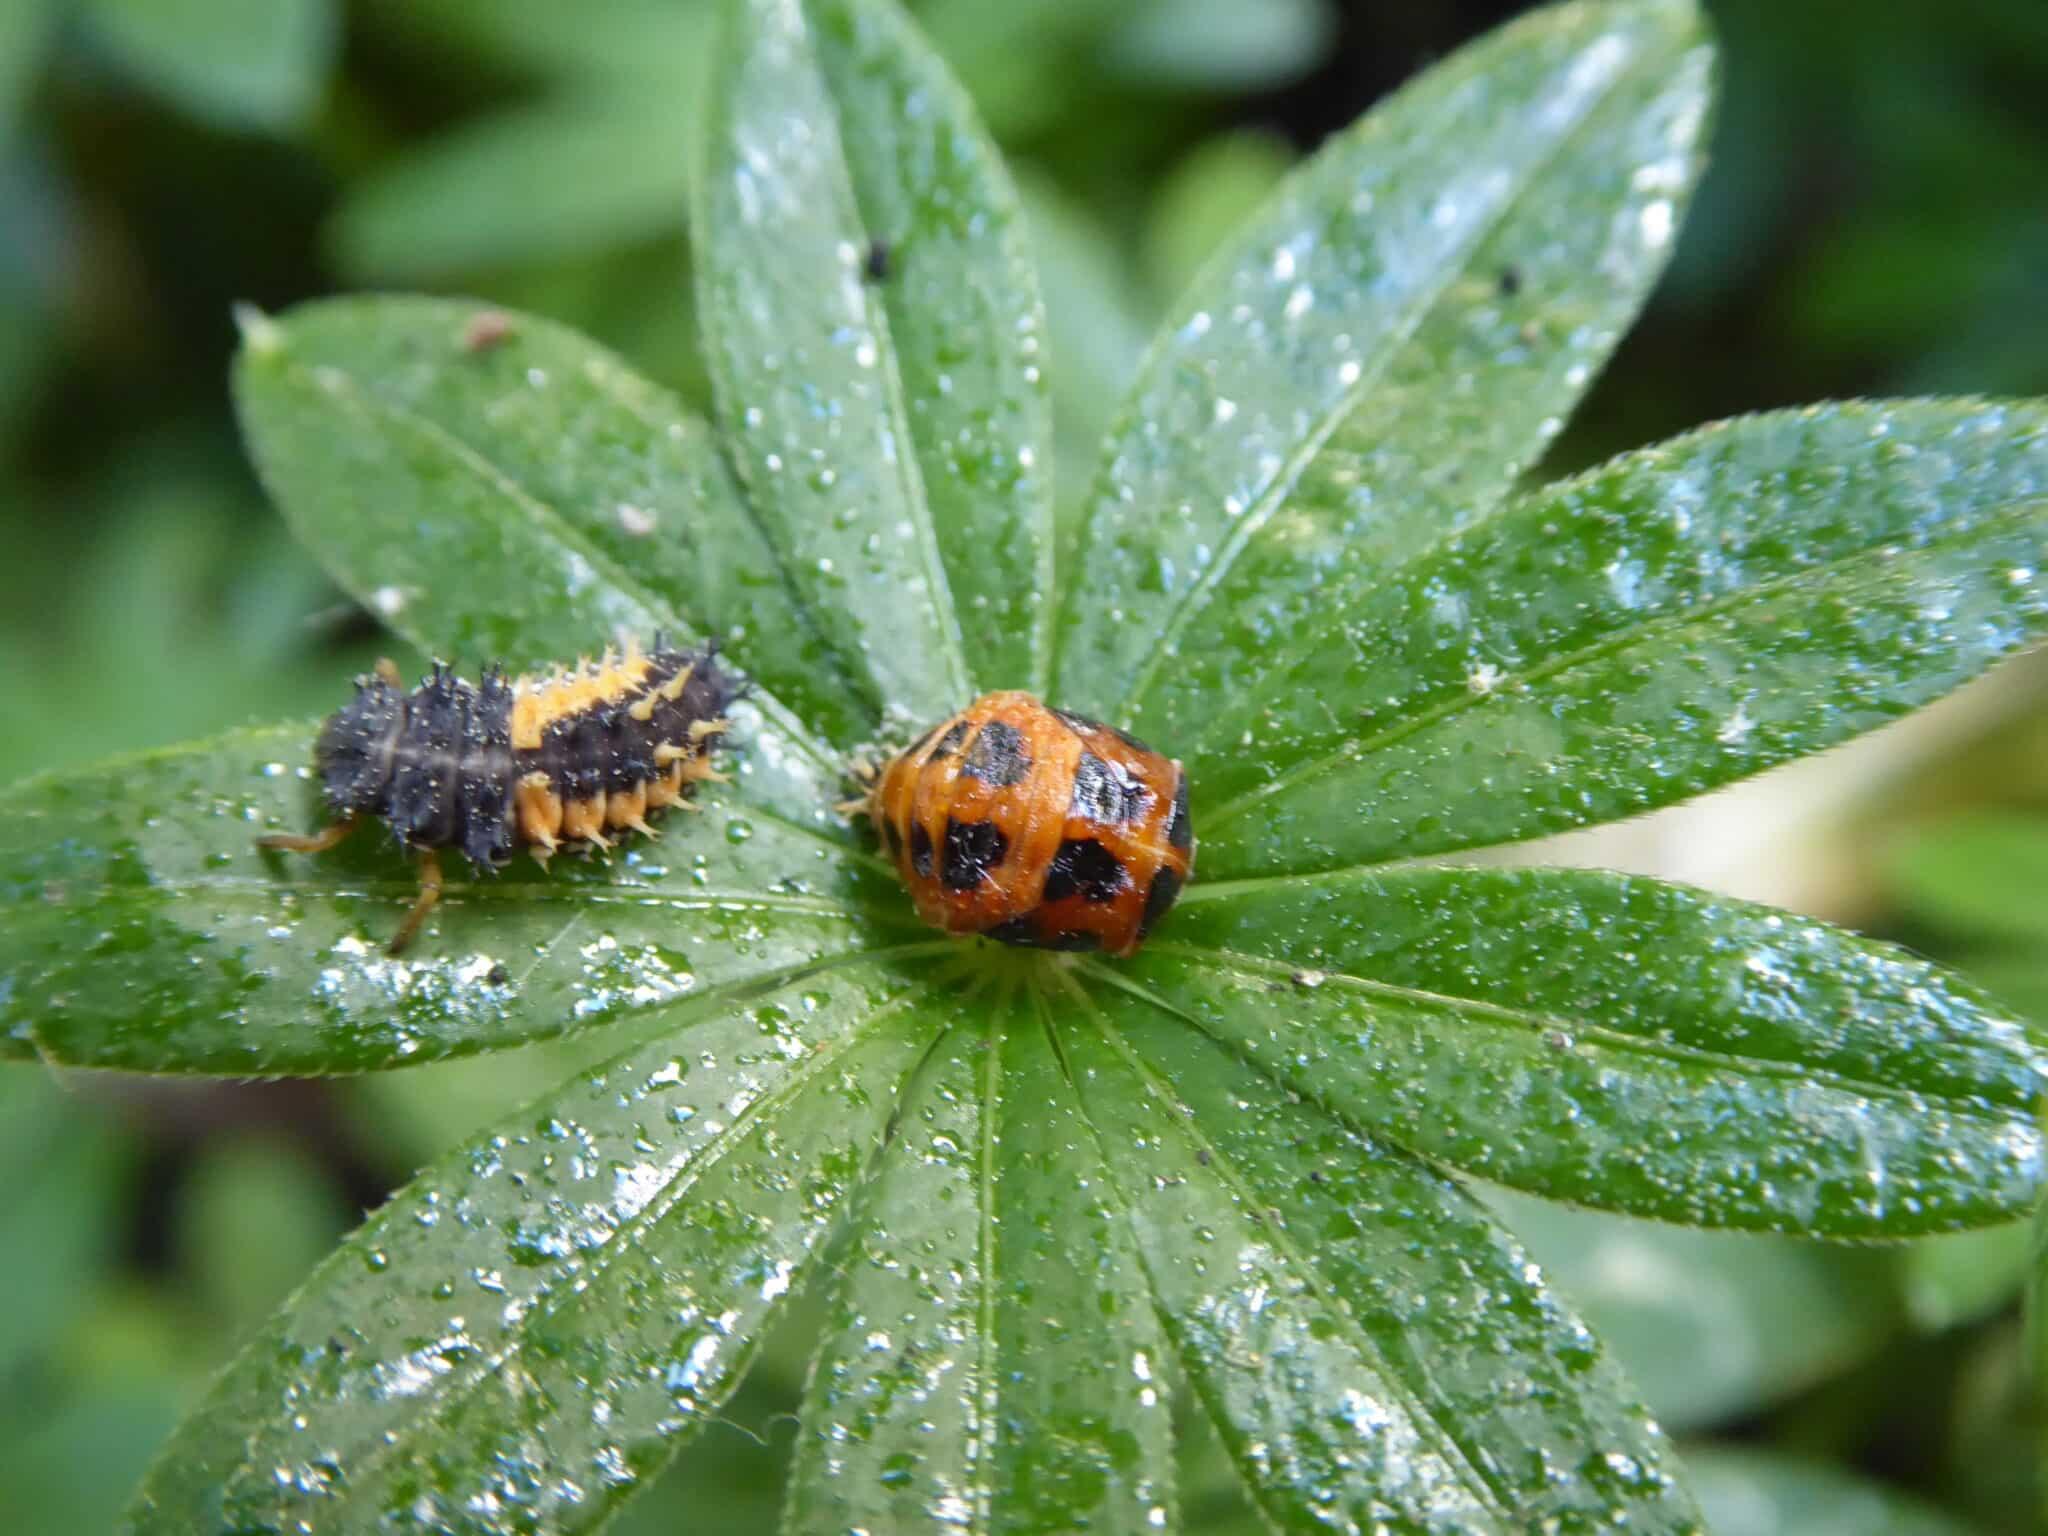 Marienkäfer sind nützlich. So sehen deren Larven (links) und Puppen (rechts) aus. Das Klebrige, Glänzende auf dem Foto ist der Honigtau - Ausscheidungen der Blattläuse.